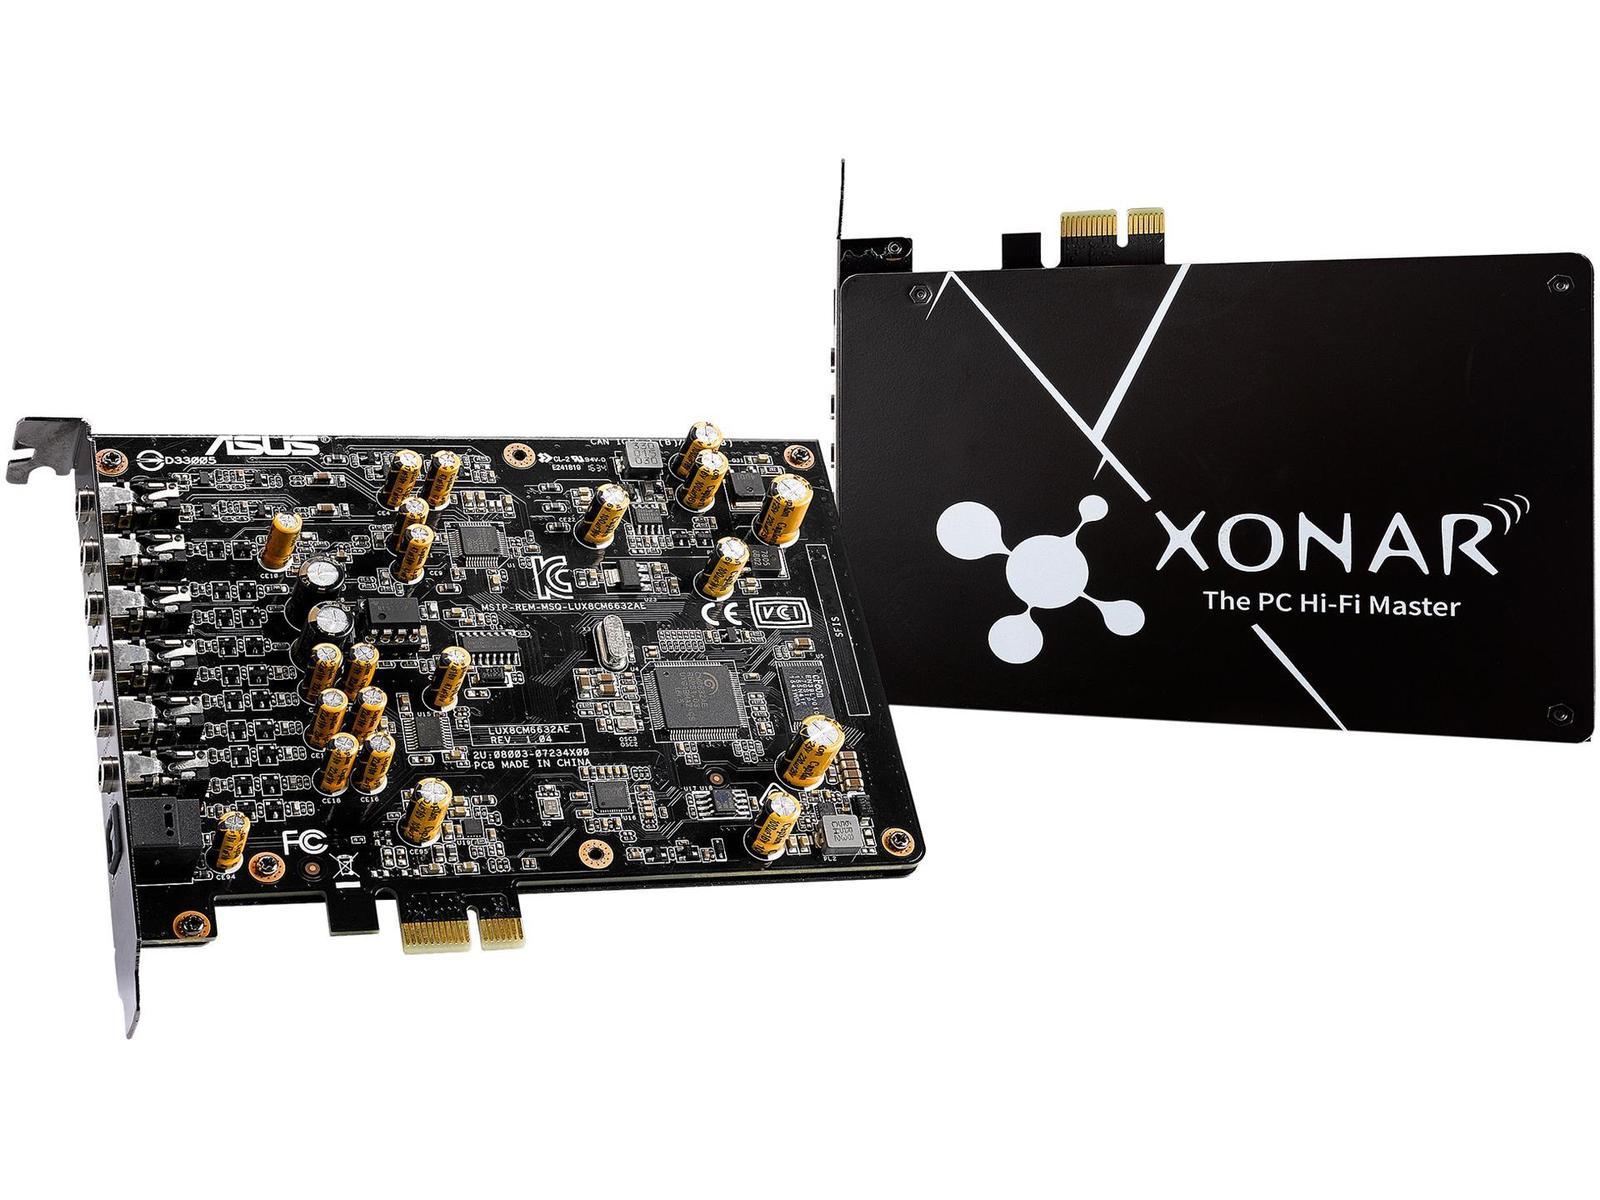 Asus Xonar AE 24-bit 192 kHz Sound Card